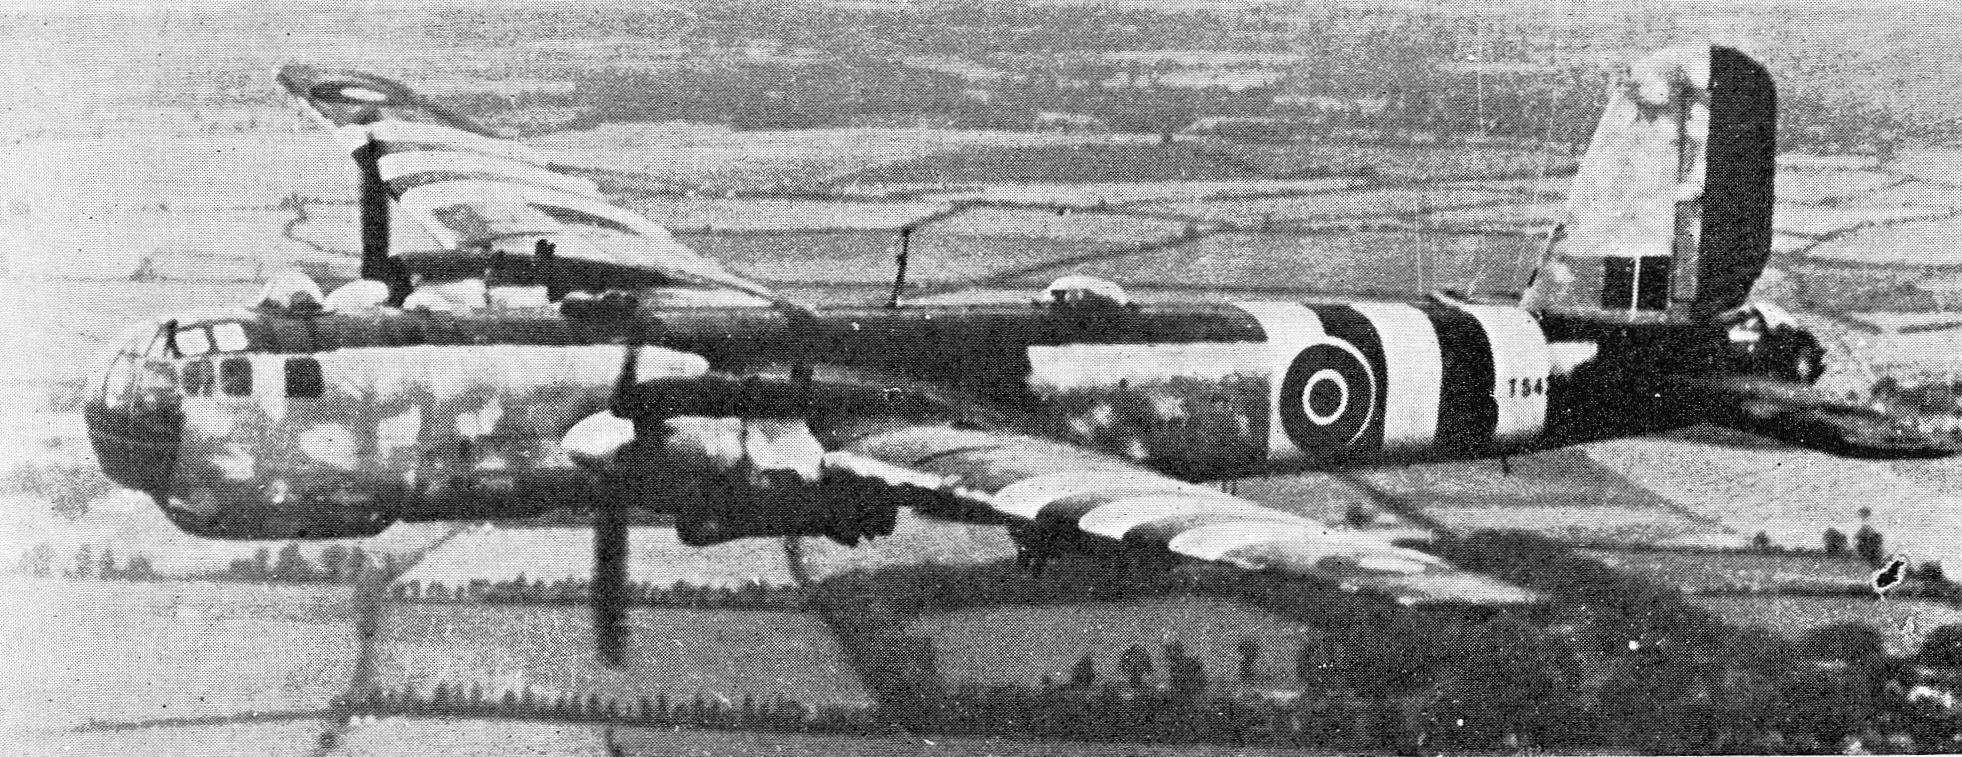 Eric Brown | Zdobyczny He 177A-5 testowany przez Brytyjczyków w czasie wojny